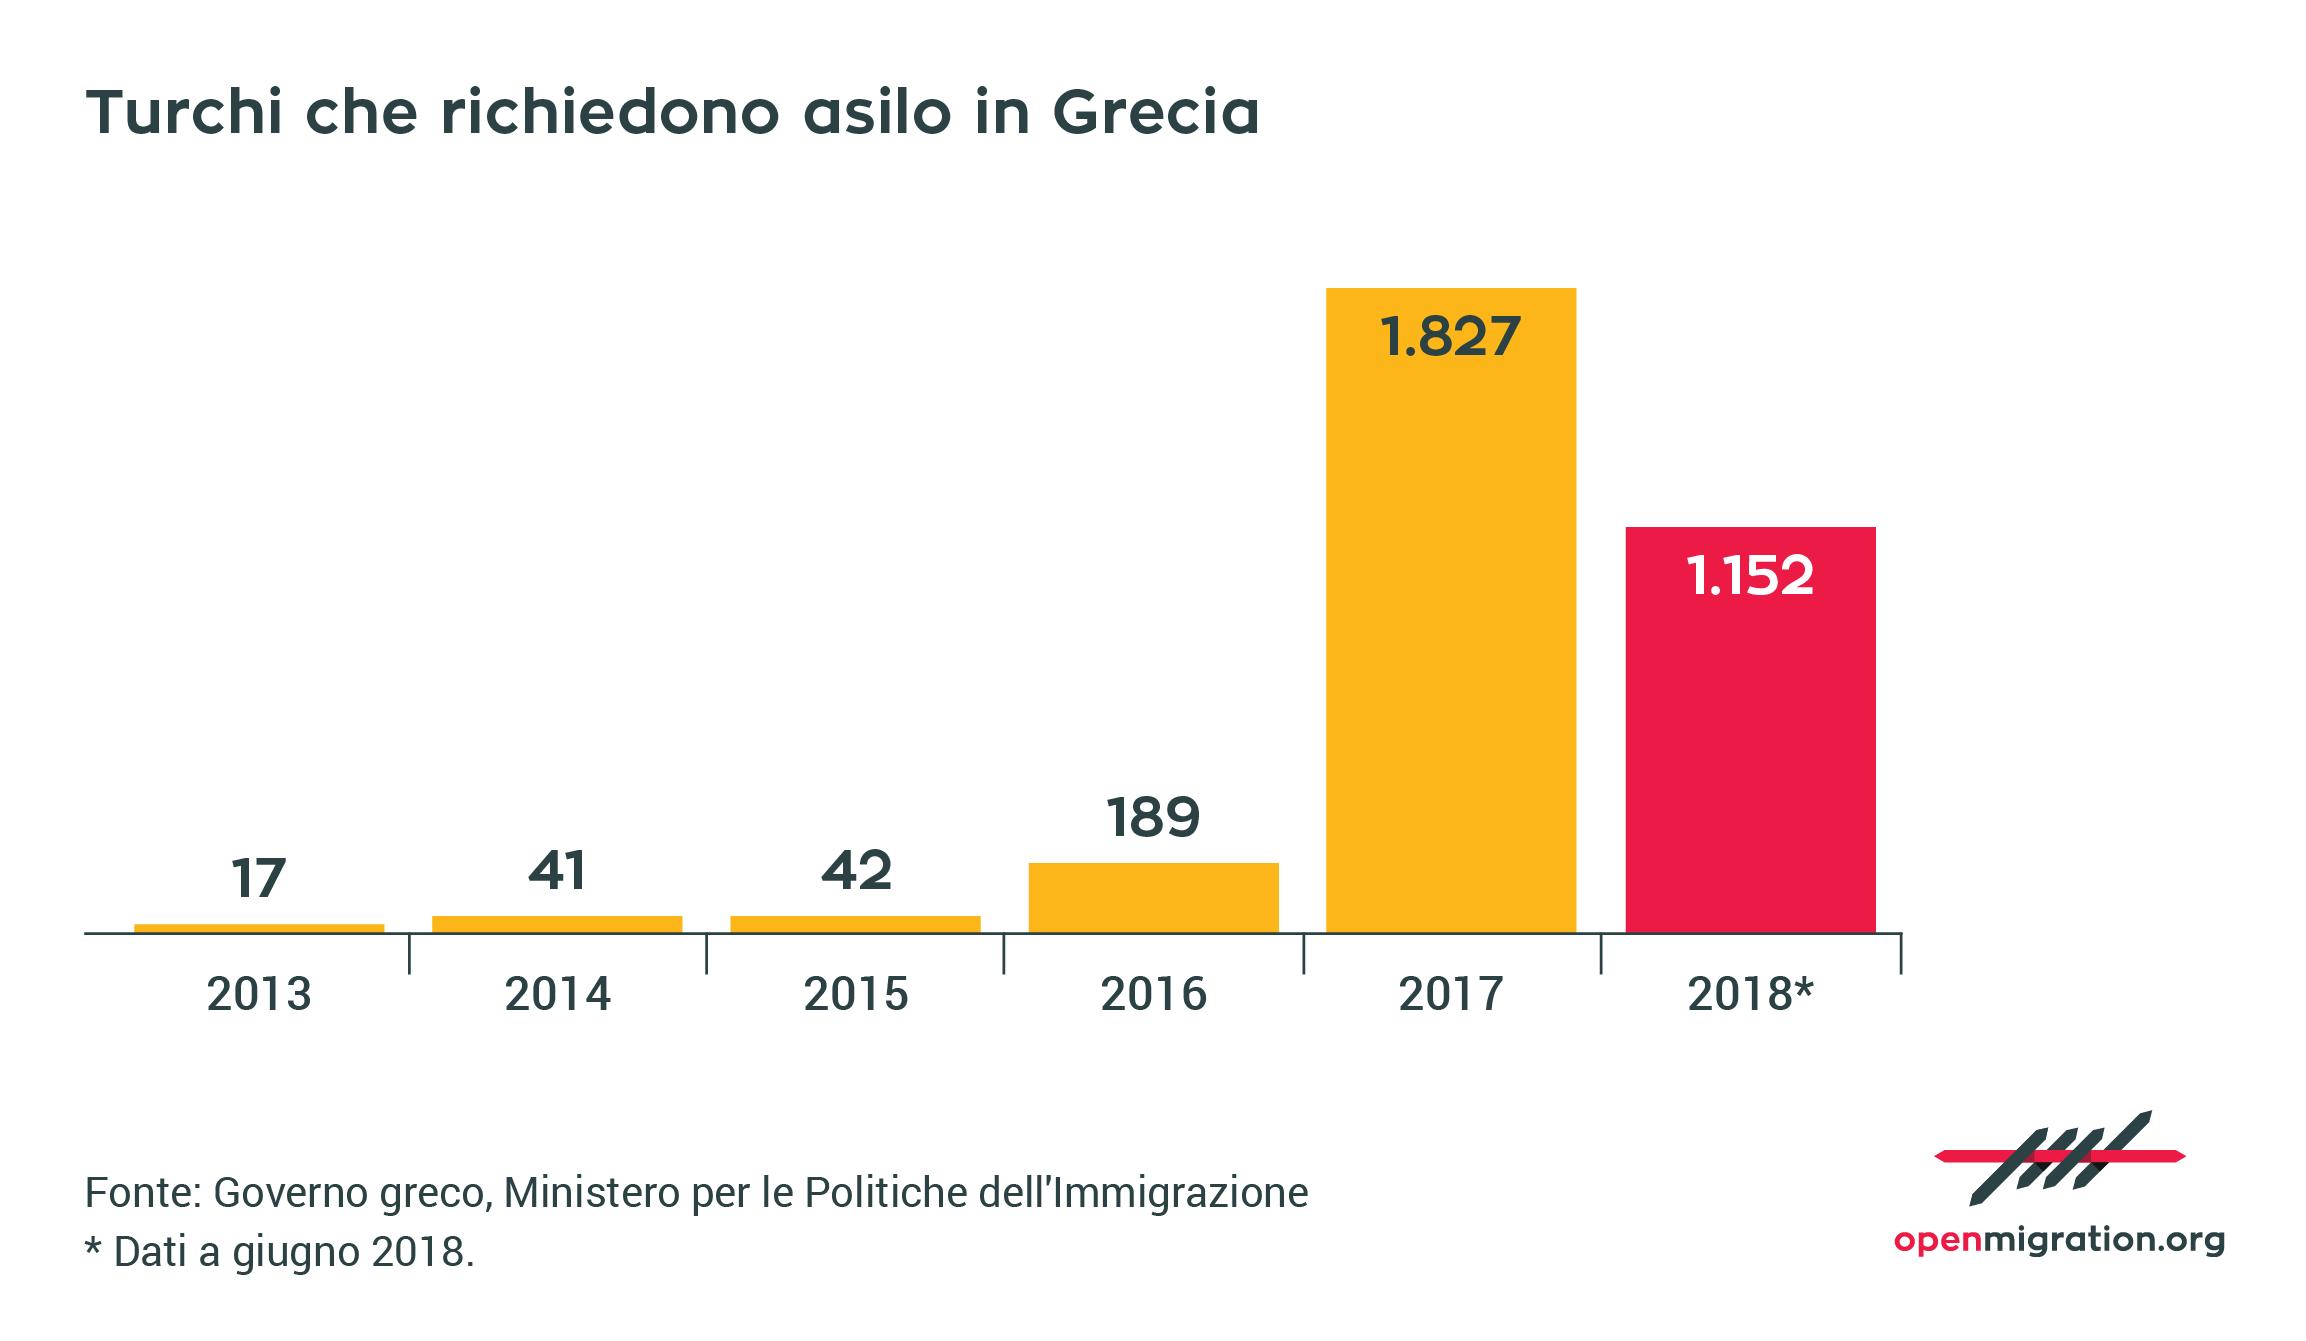 Turchi che richiedono asilo in Grecia